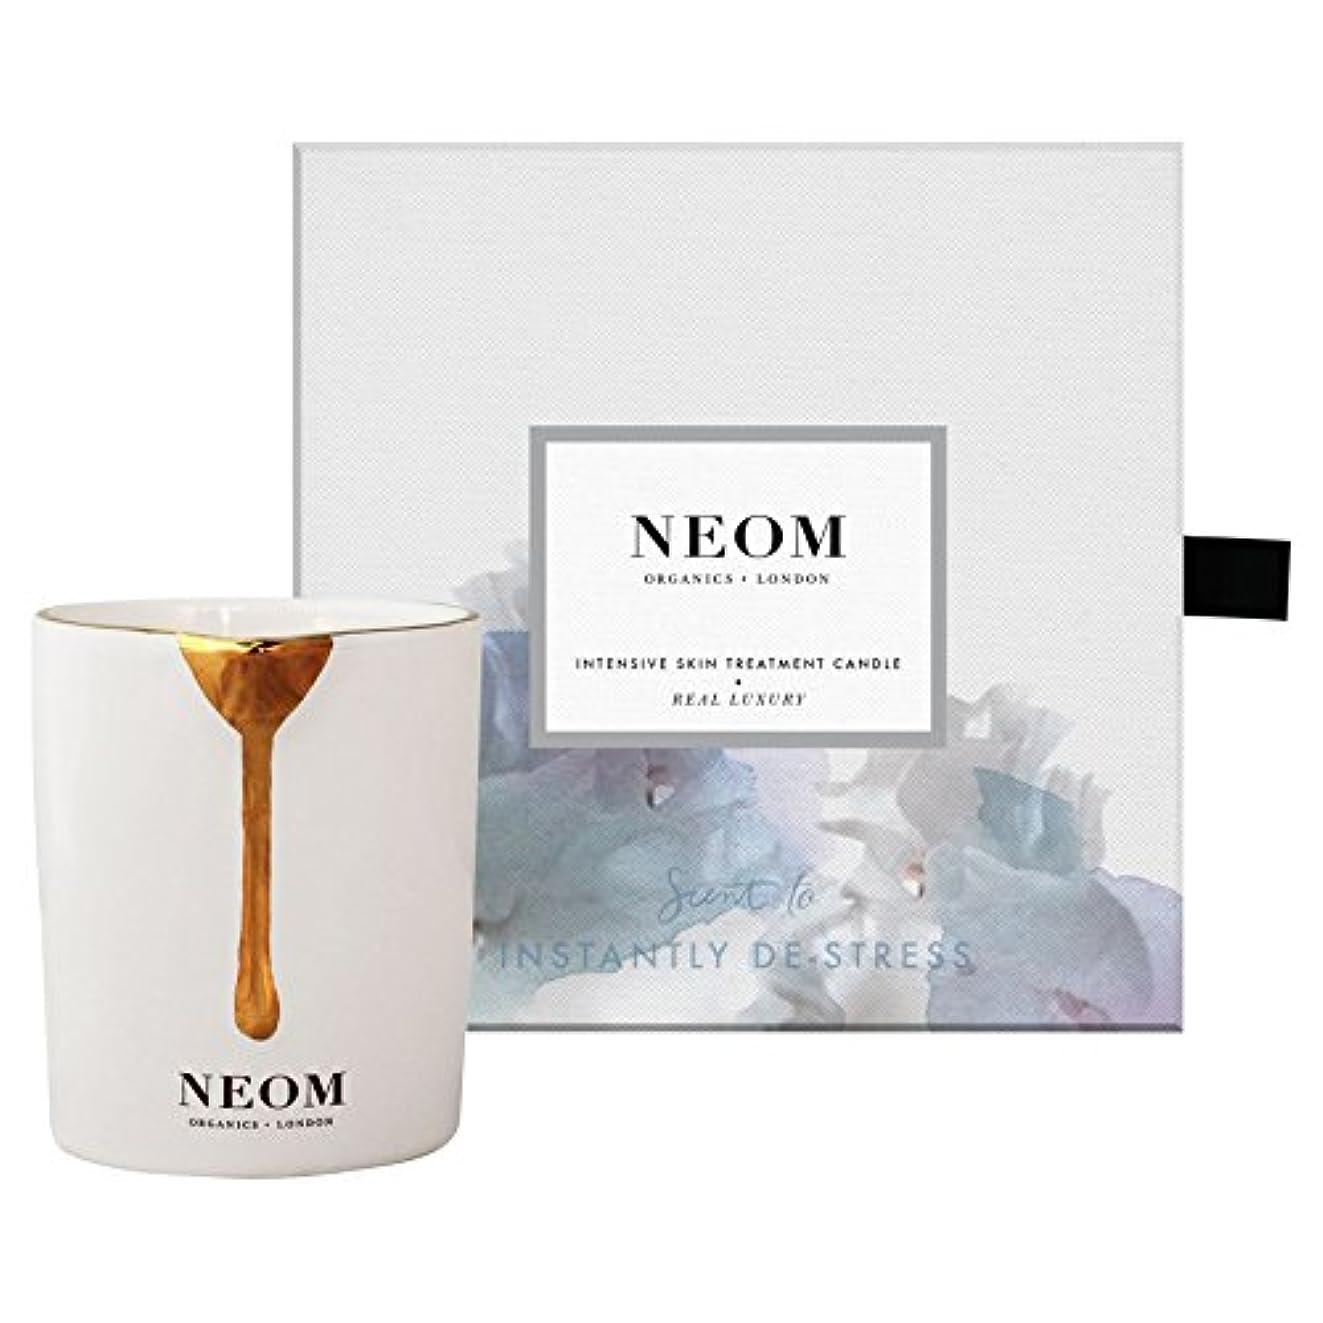 シニス編集者優勢[Neom] Neom本当の贅沢なスキントリートメントキャンドル - Neom Real Luxury Skin Treatment Candle [並行輸入品]